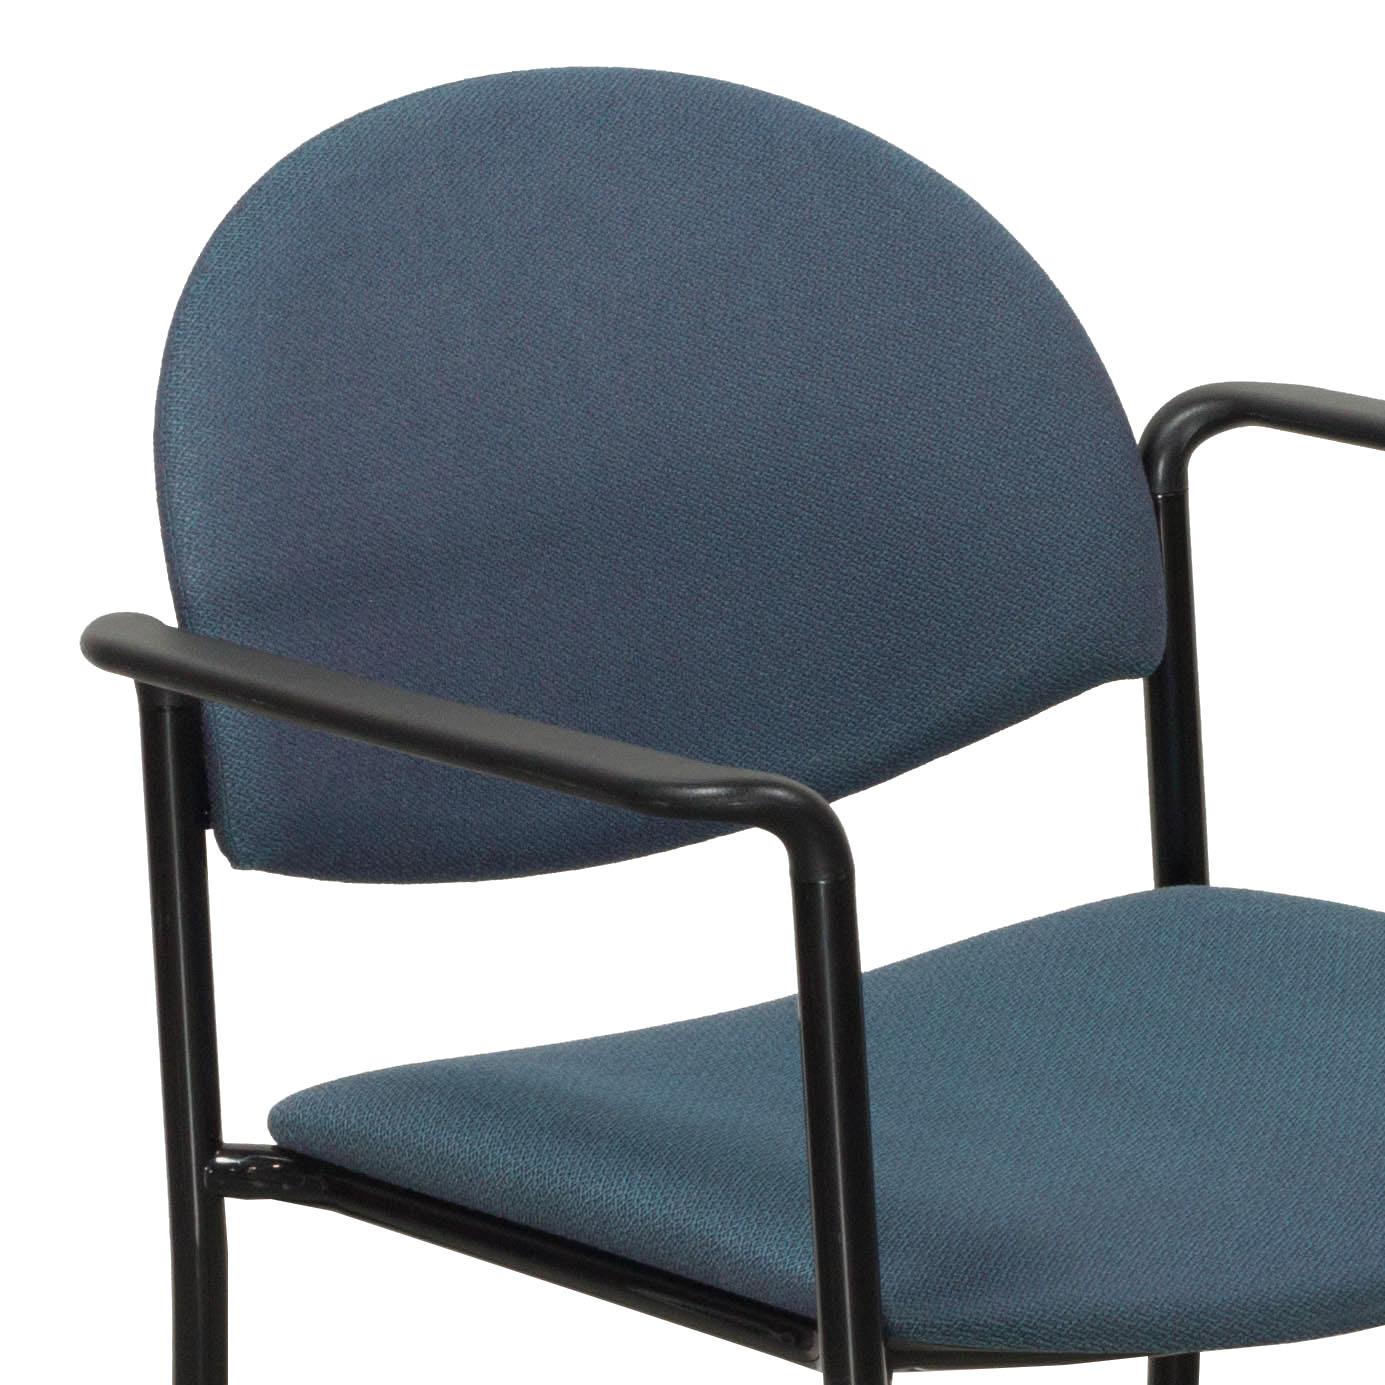 KI Versa Used Stack Chair Blue Tweed